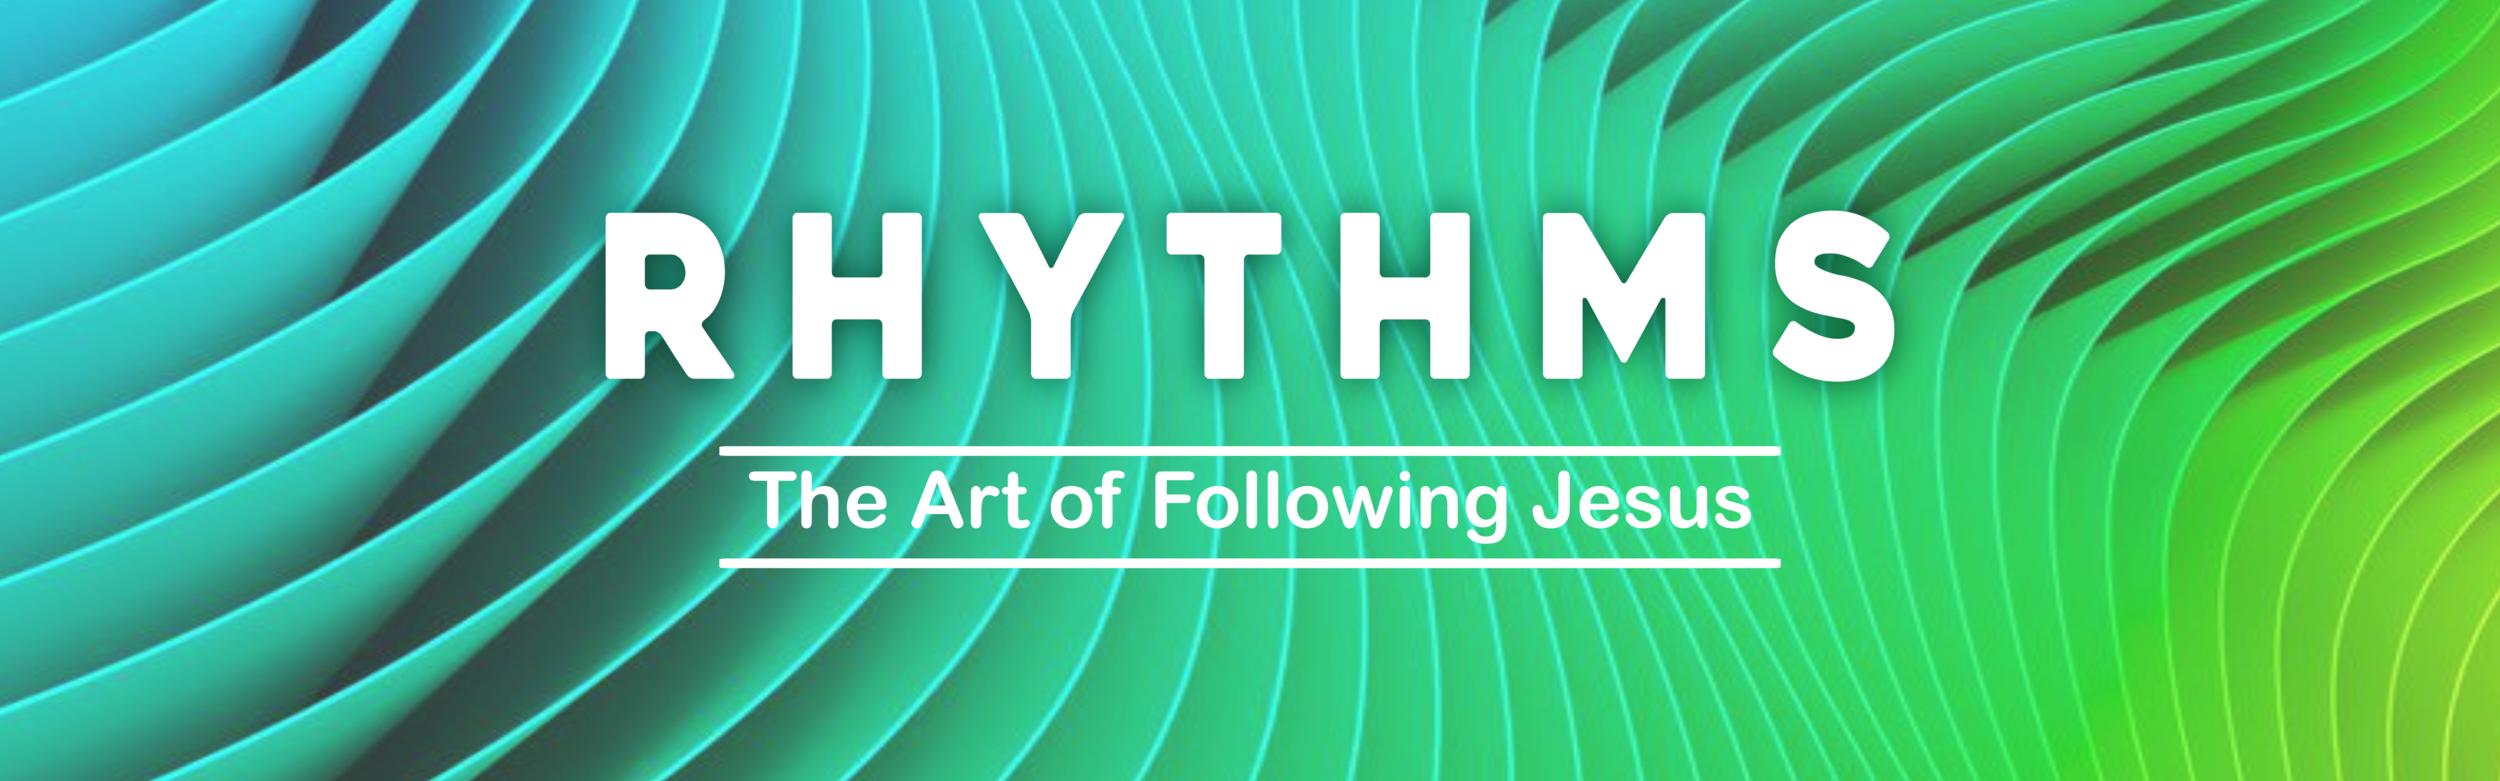 Rhythms_Print_Test2.png